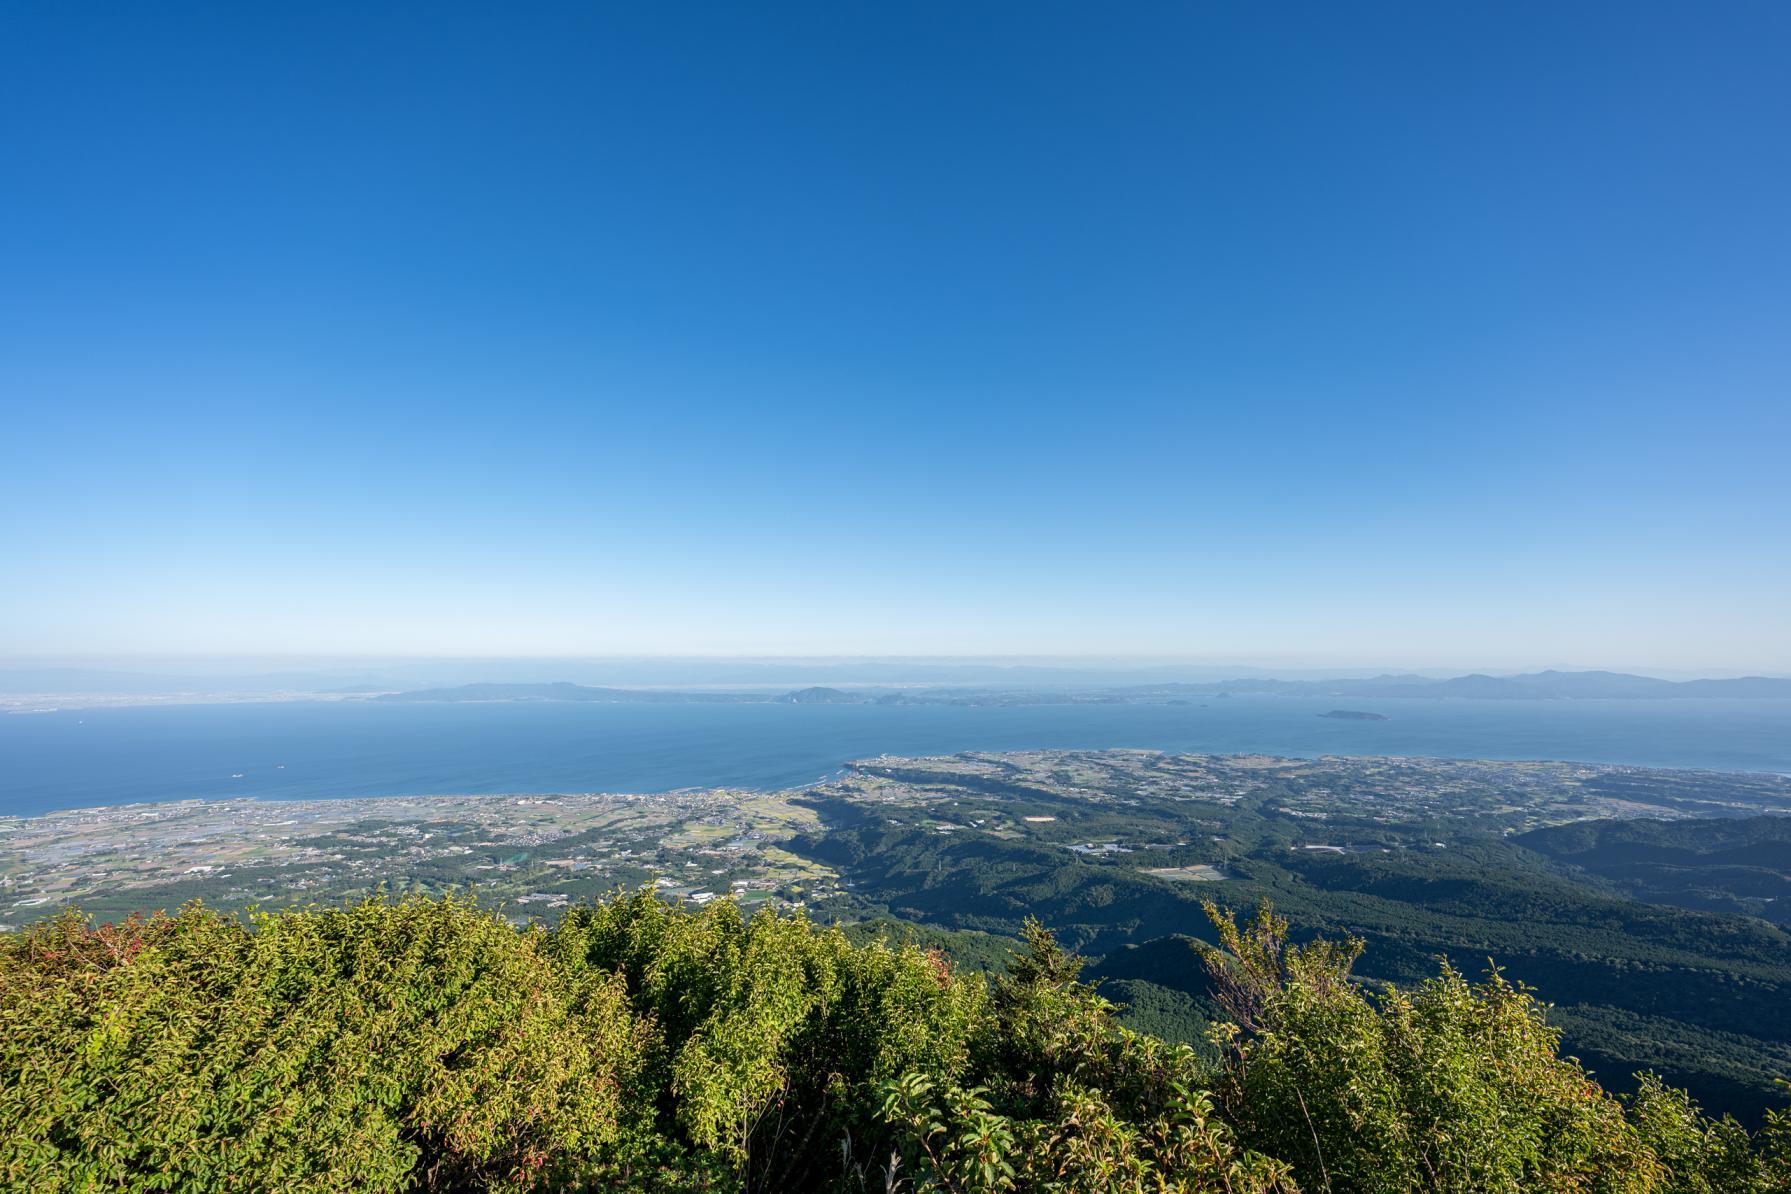 雲仙観光で絶対外せない!仁田峠からの眺めは最高-0